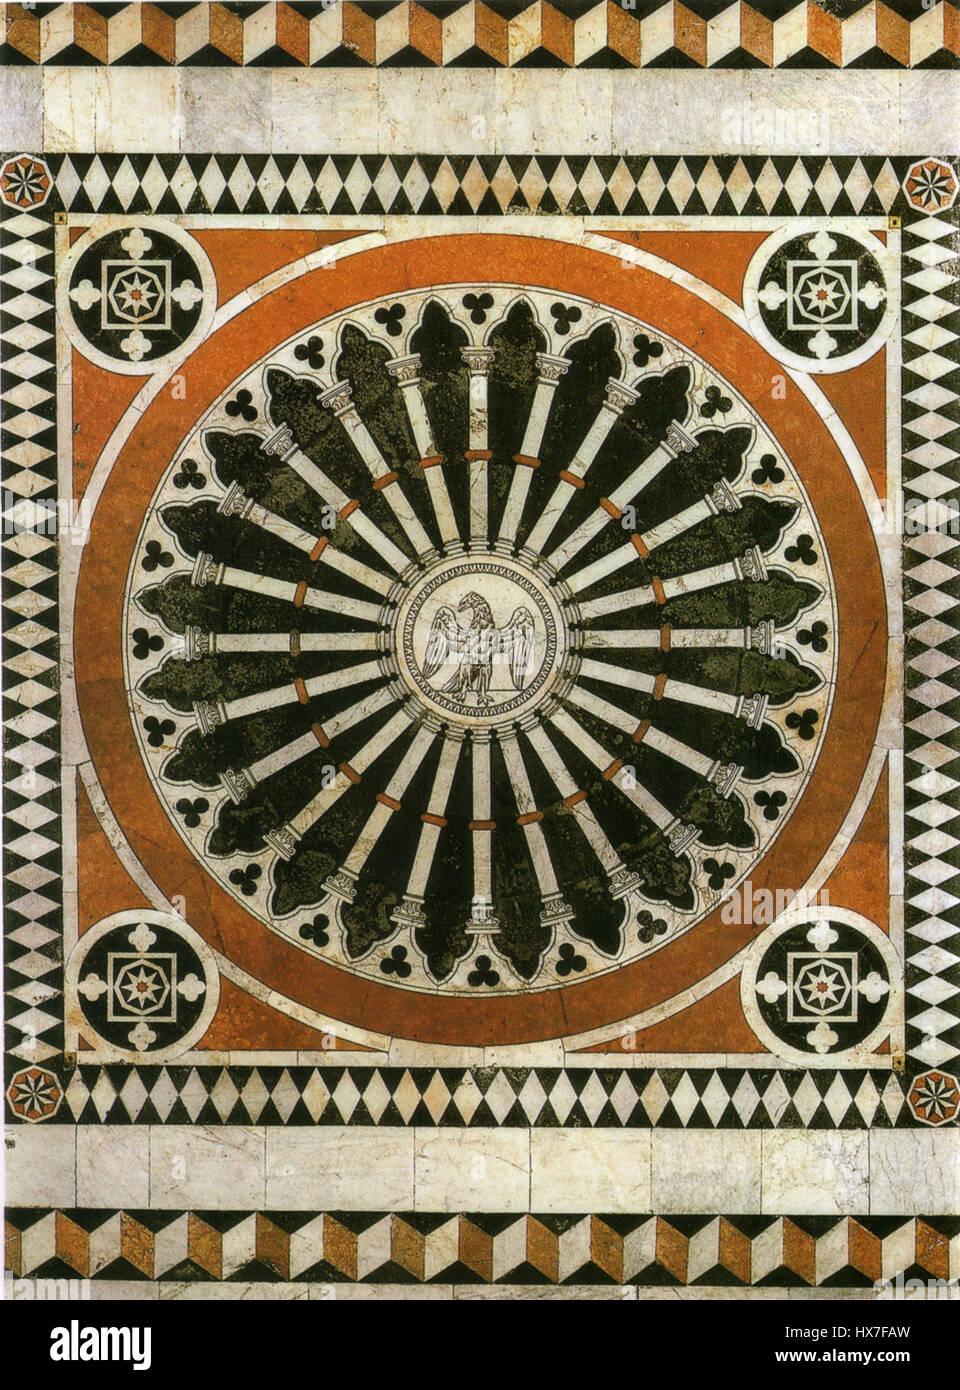 Pavimento di siena, aquila imperiale 01 Stock Photo